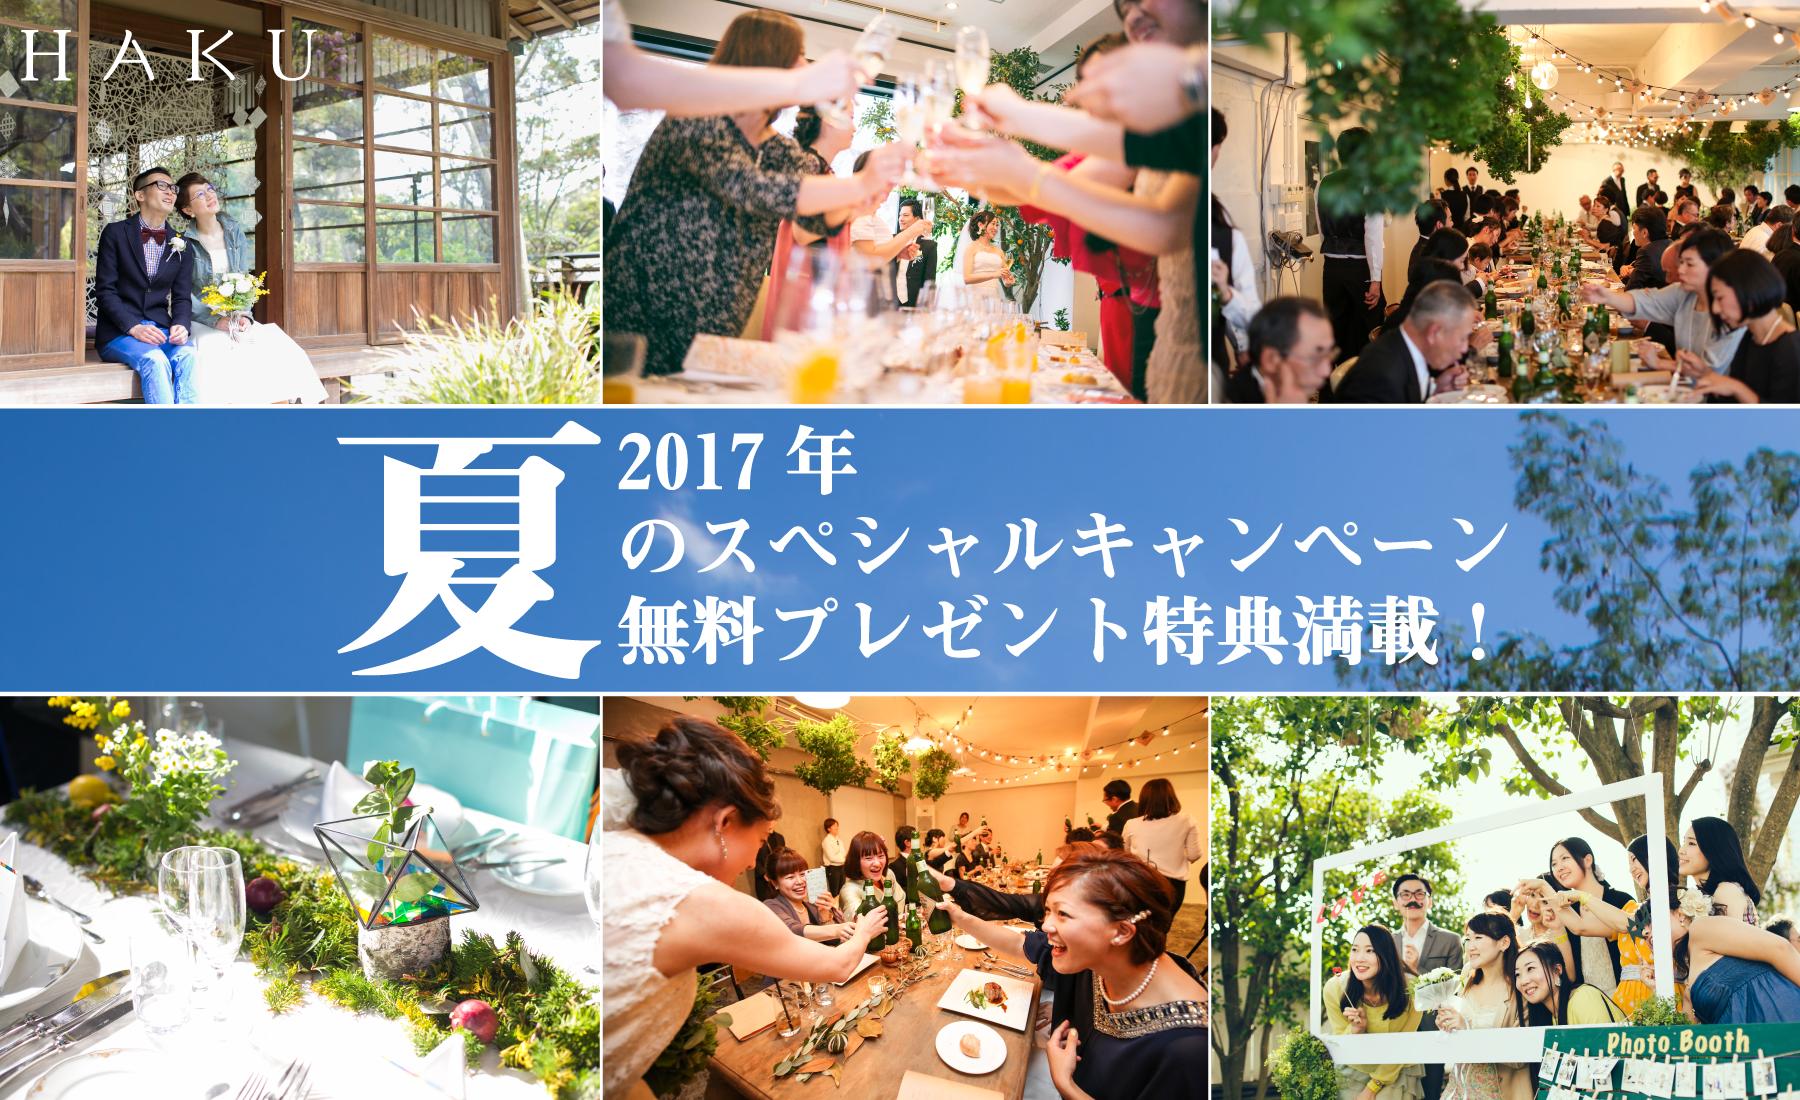 2017年夏のスペシャルキャンペーン!!メモリアルムービーやドレスが無料に!!